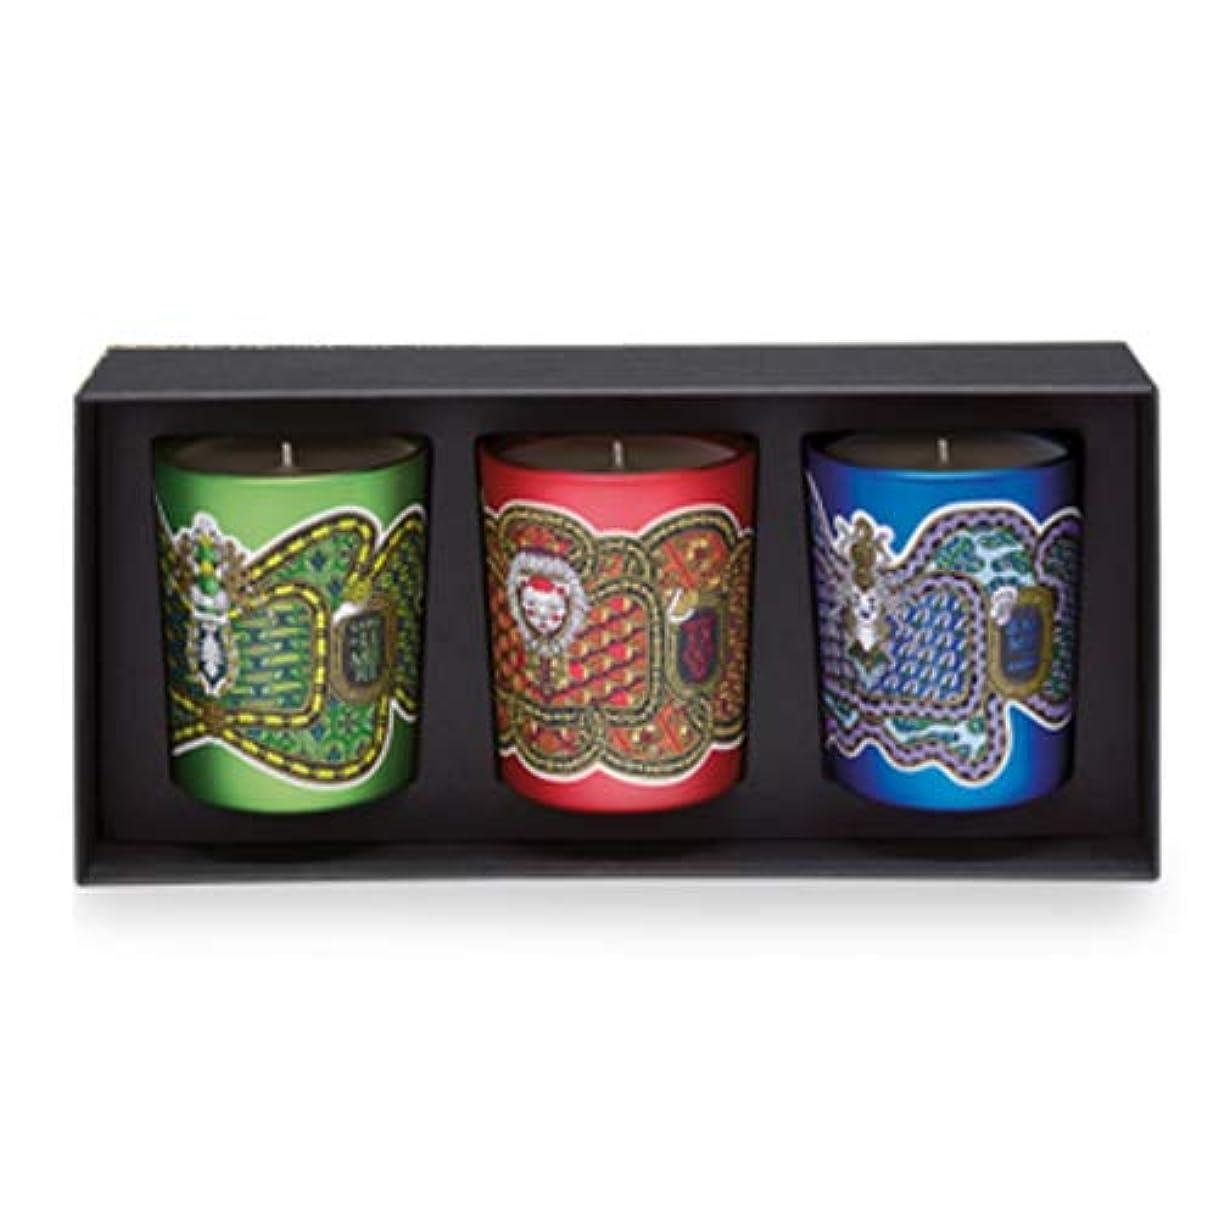 ペグ急流オーガニックディプティック フレグランス キャンドル コフレ 3種類の香り 190g×3 DIPTYQUE LEGENDE DU NORD SCENTED HOLIDAY 3 CANDLE SET [6586] [並行輸入品]